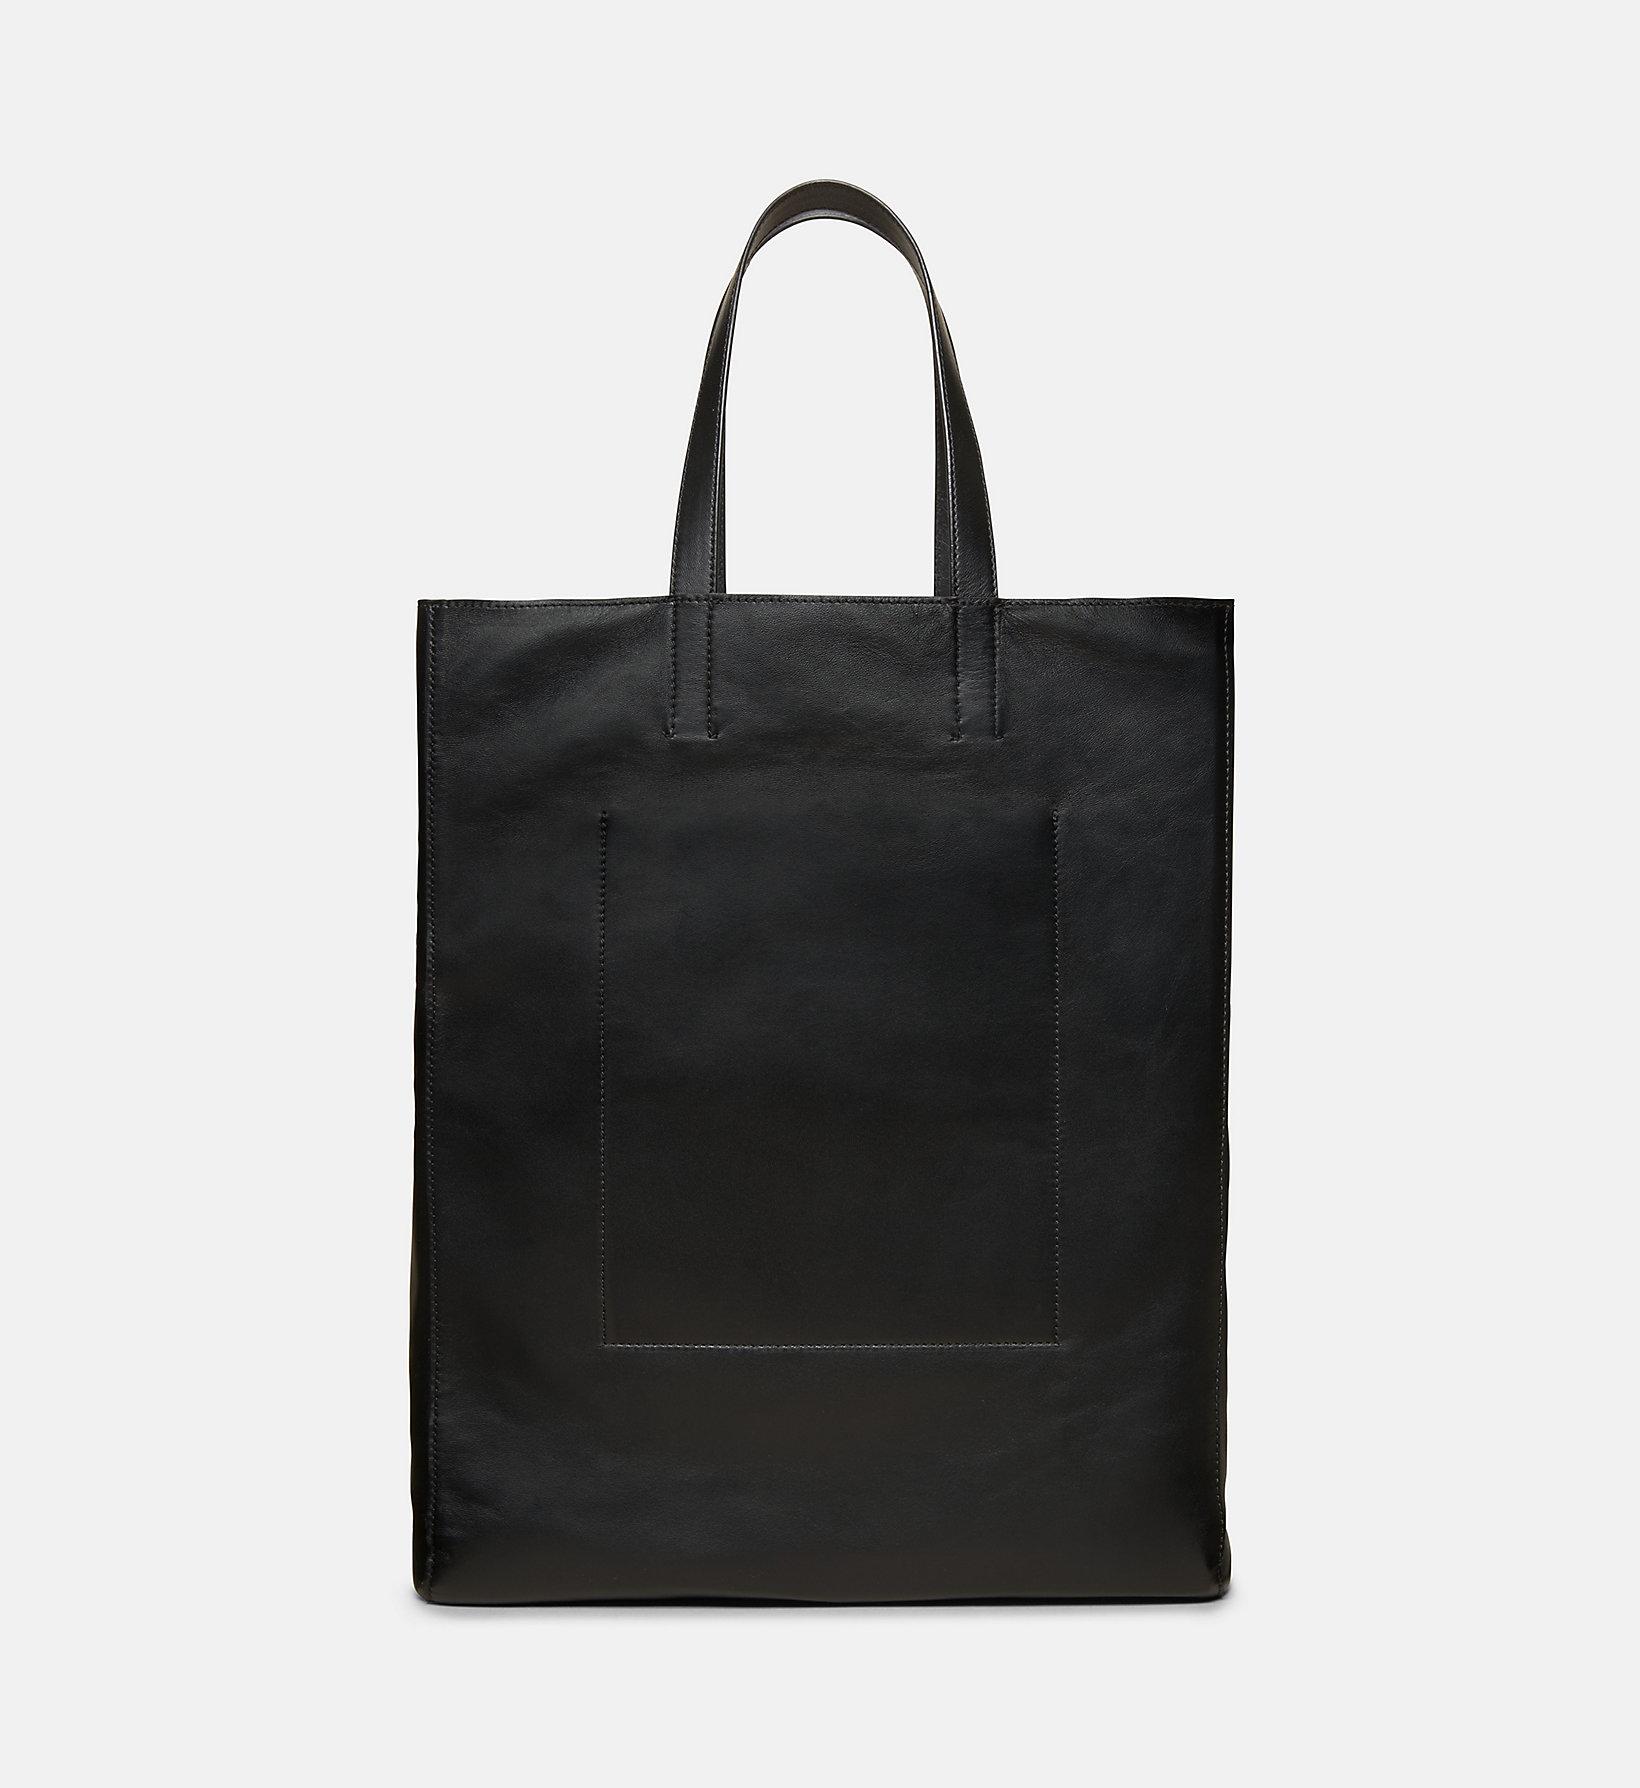 Dennis Hopper Nappa Leather Tote Calvin Klein 0TxxV